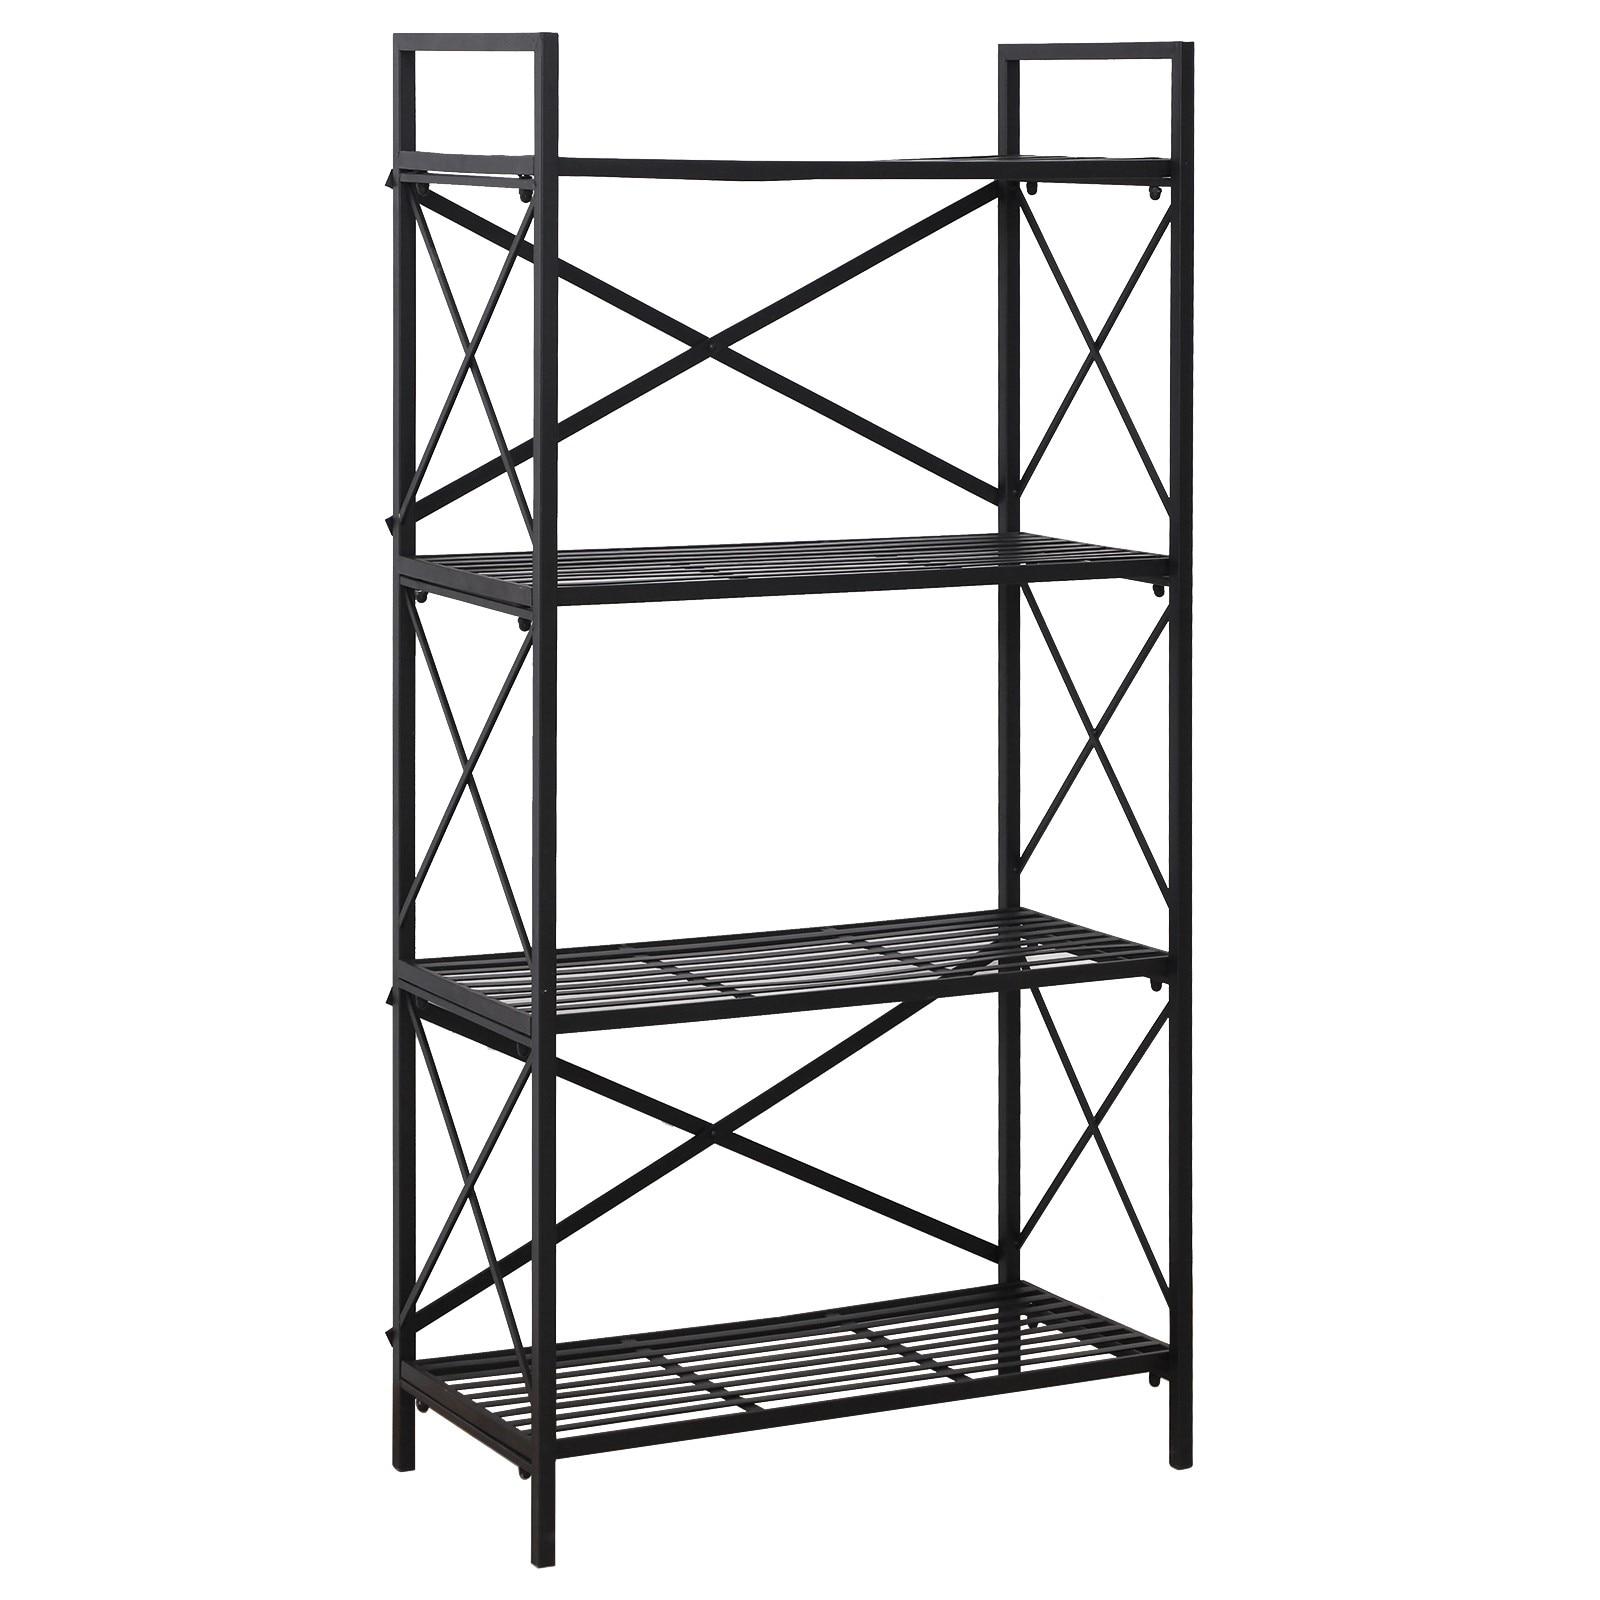 HOMCOM 4 Shelf Shelves Space Saving For House Office Garage Metal 80x40x160 Cm Black